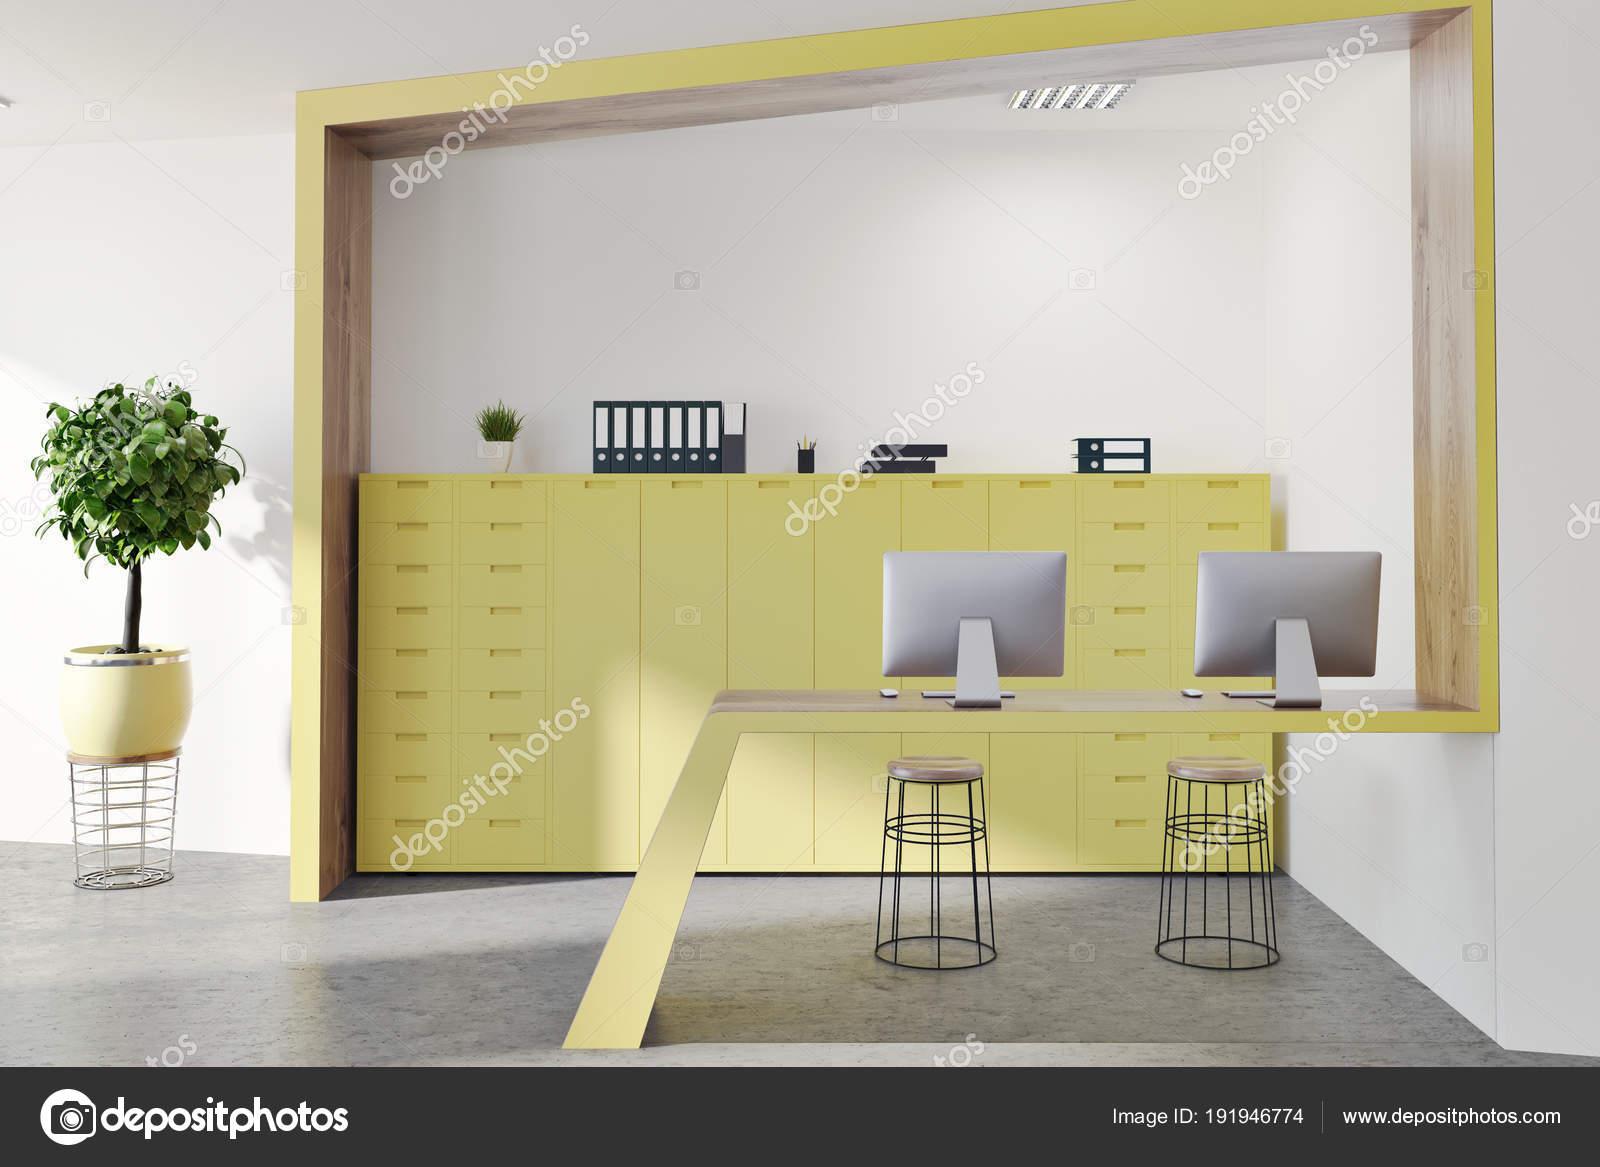 Accueil salle d attente bureau jaune et en bois u photographie